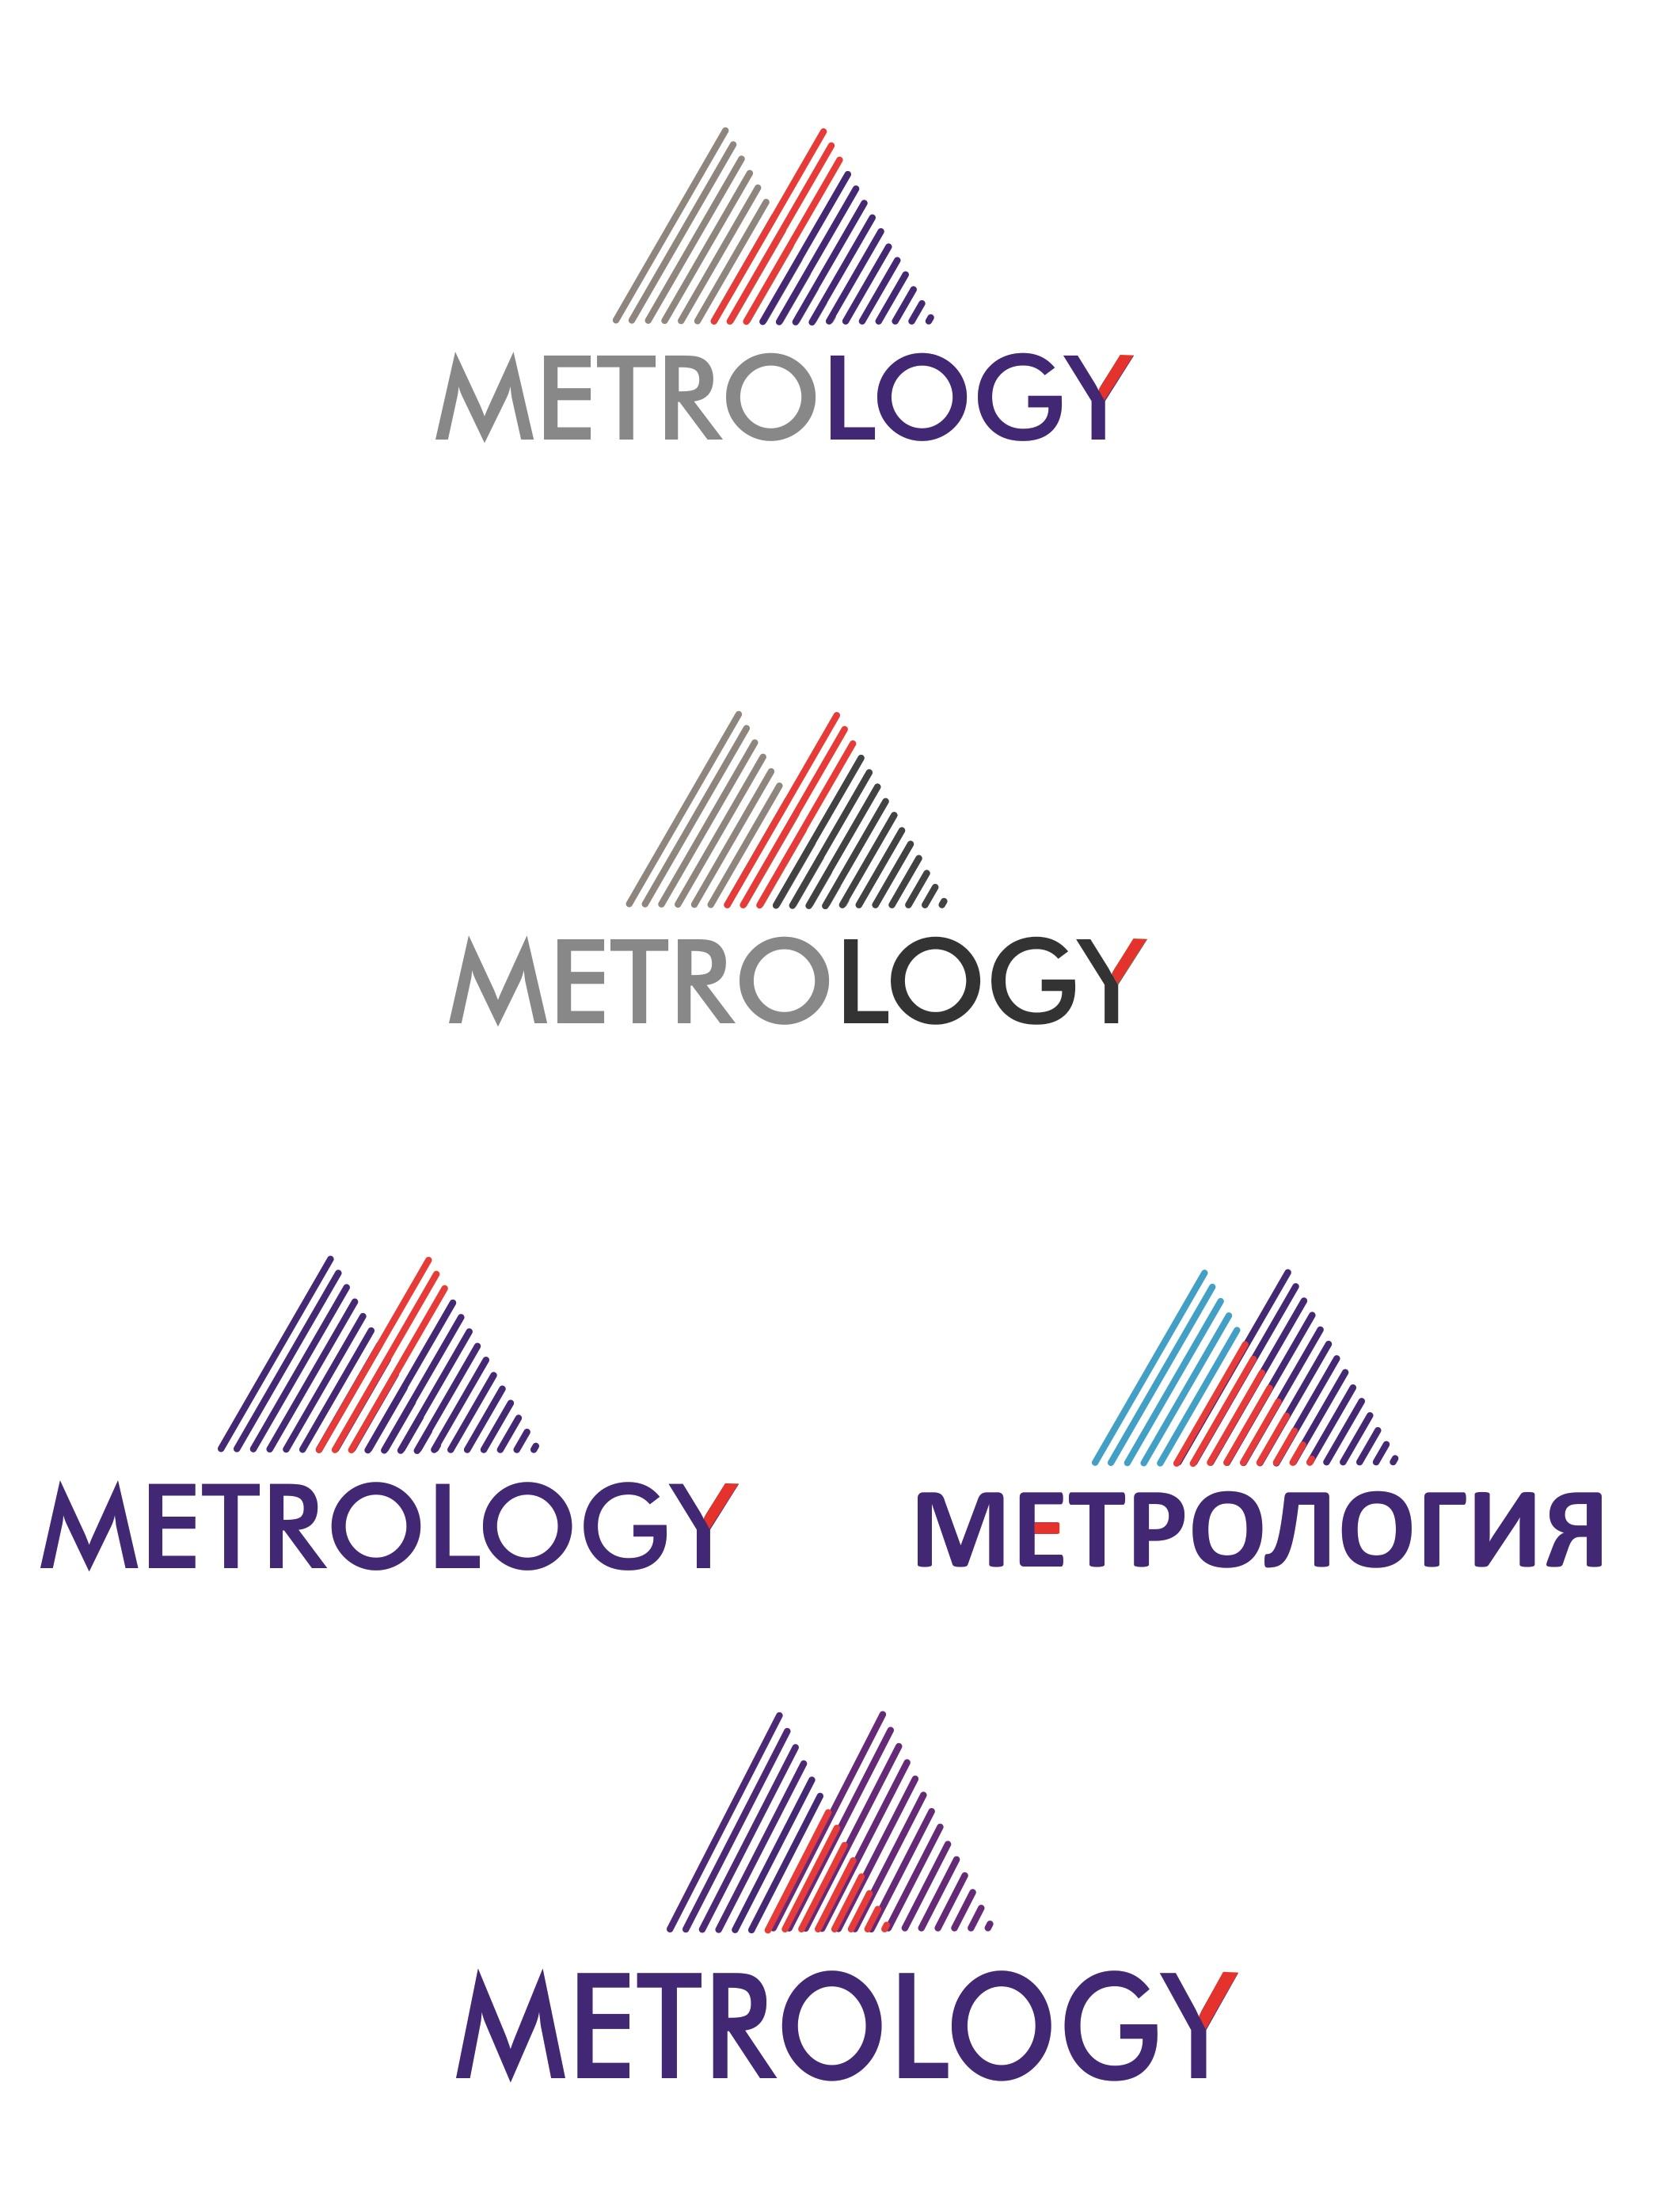 Разработать логотип, визитку, фирменный бланк. фото f_11858ff28ad4f214.jpg